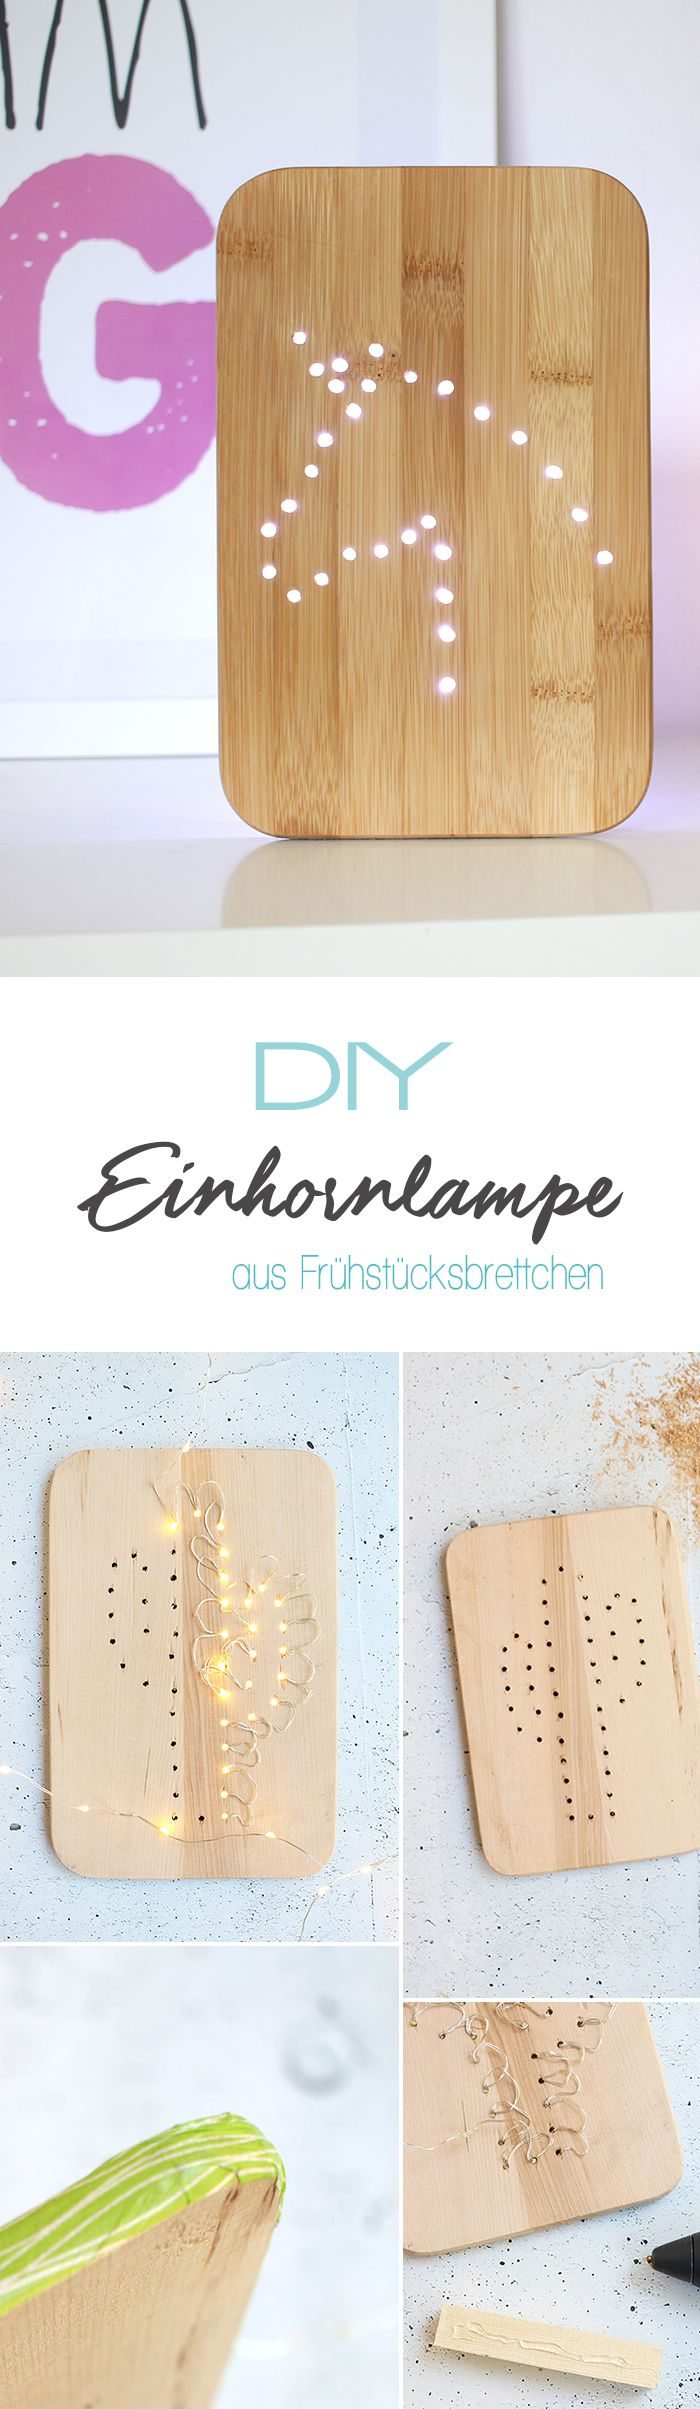 Diese DIY Lampe ist ein tolles Geschenk für alle Einhorn Fans und lässt sich ganz leicht aus einem Frühstücksbrettchen selber machen. Perfekte Geschenkidee für Kinderzimmer von Mädchen, entdeckt bei gingeredthings.de